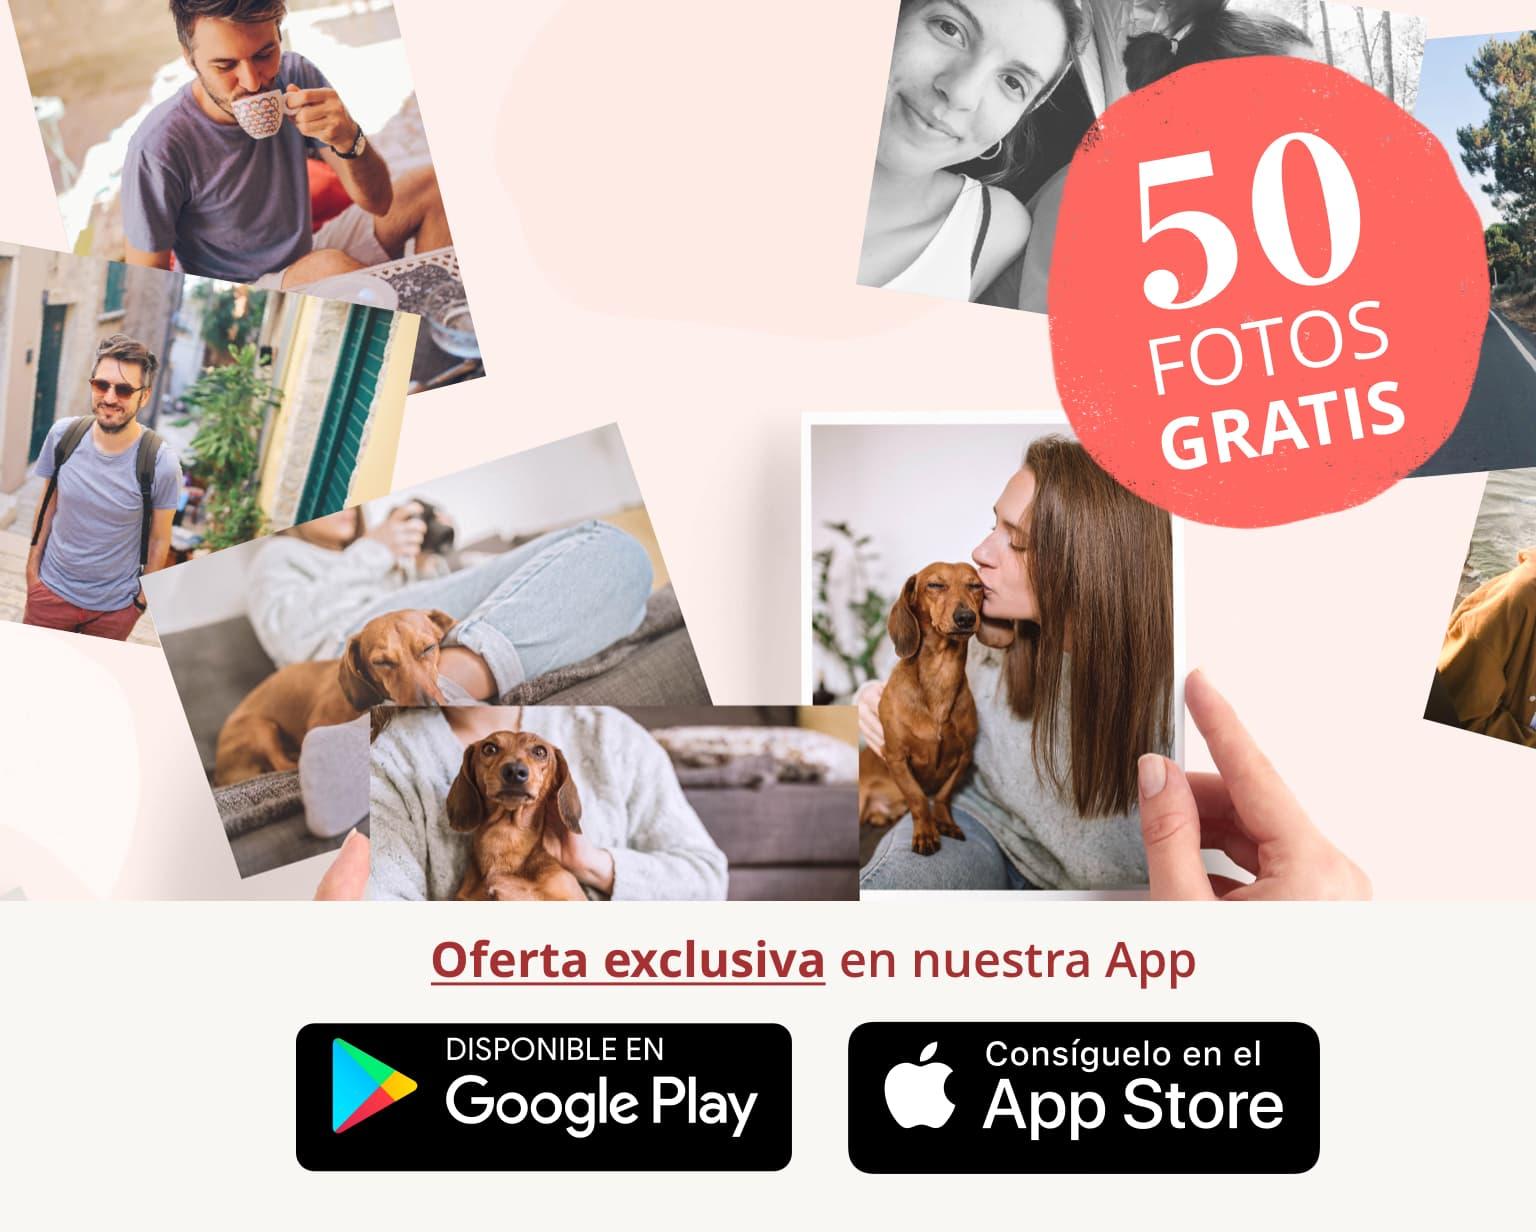 Imprime 50 FOTOS GRATIS cada mes